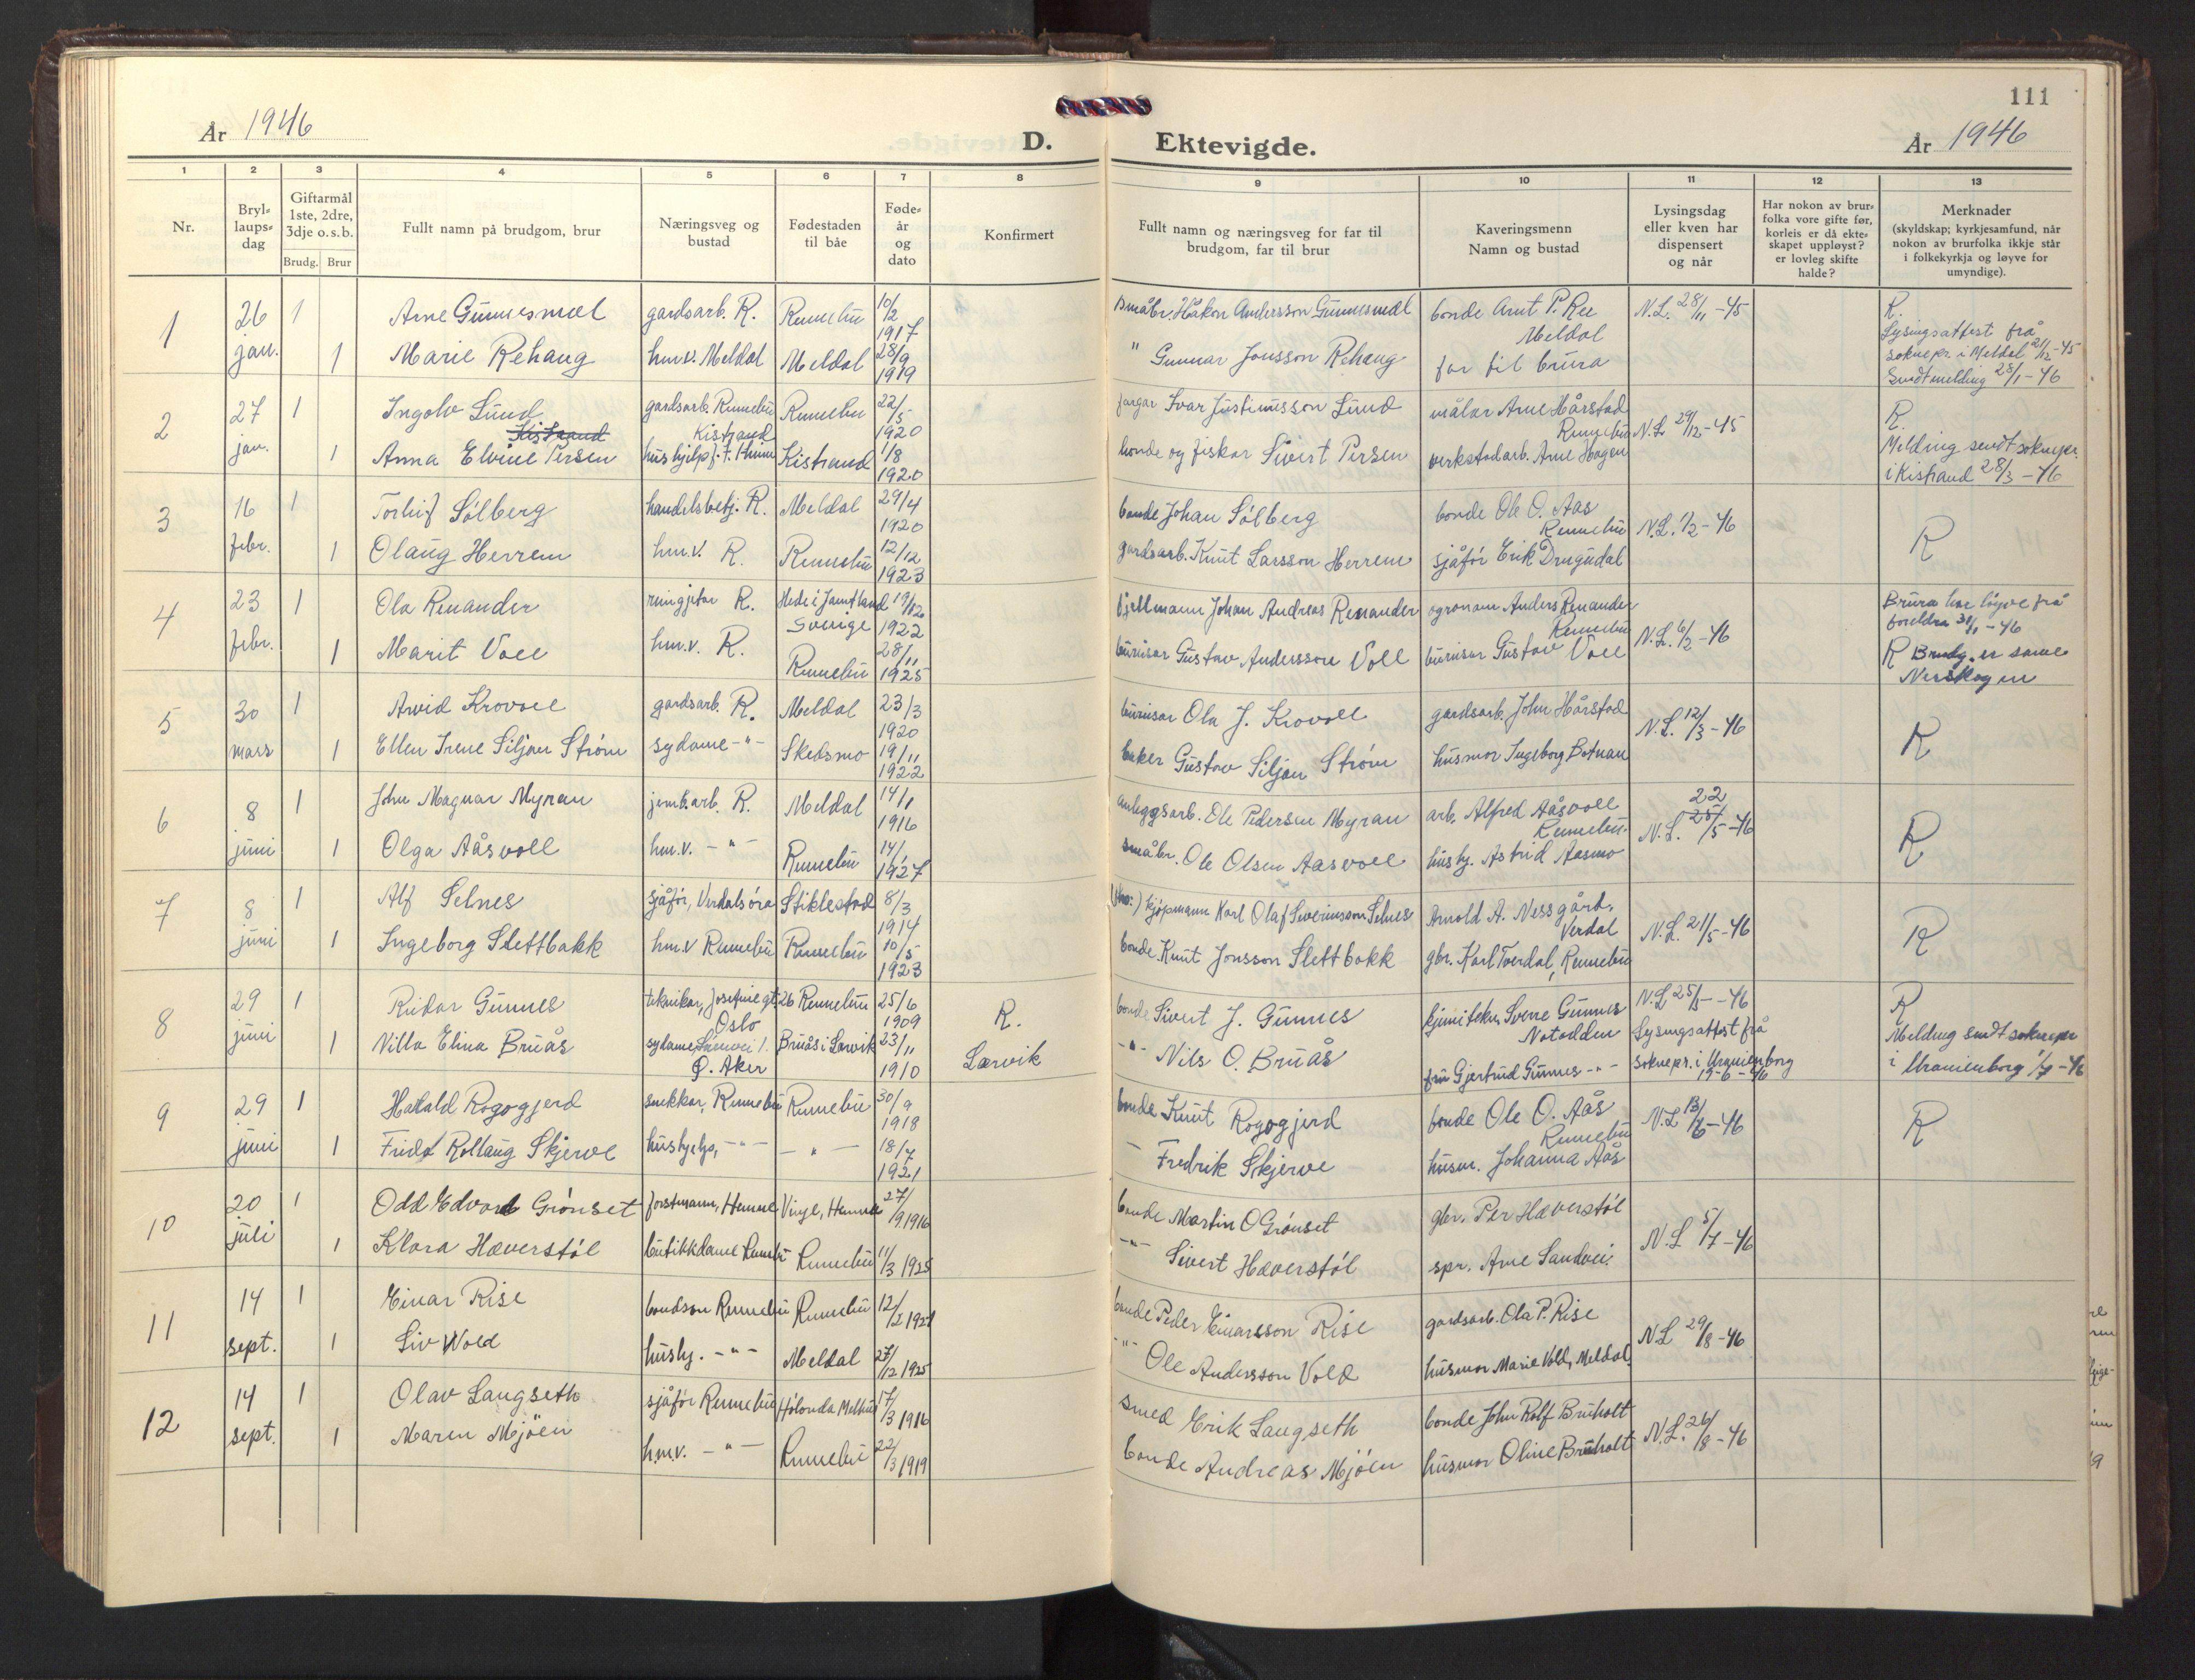 SAT, Ministerialprotokoller, klokkerbøker og fødselsregistre - Sør-Trøndelag, 674/L0878: Klokkerbok nr. 674C05, 1941-1950, s. 111